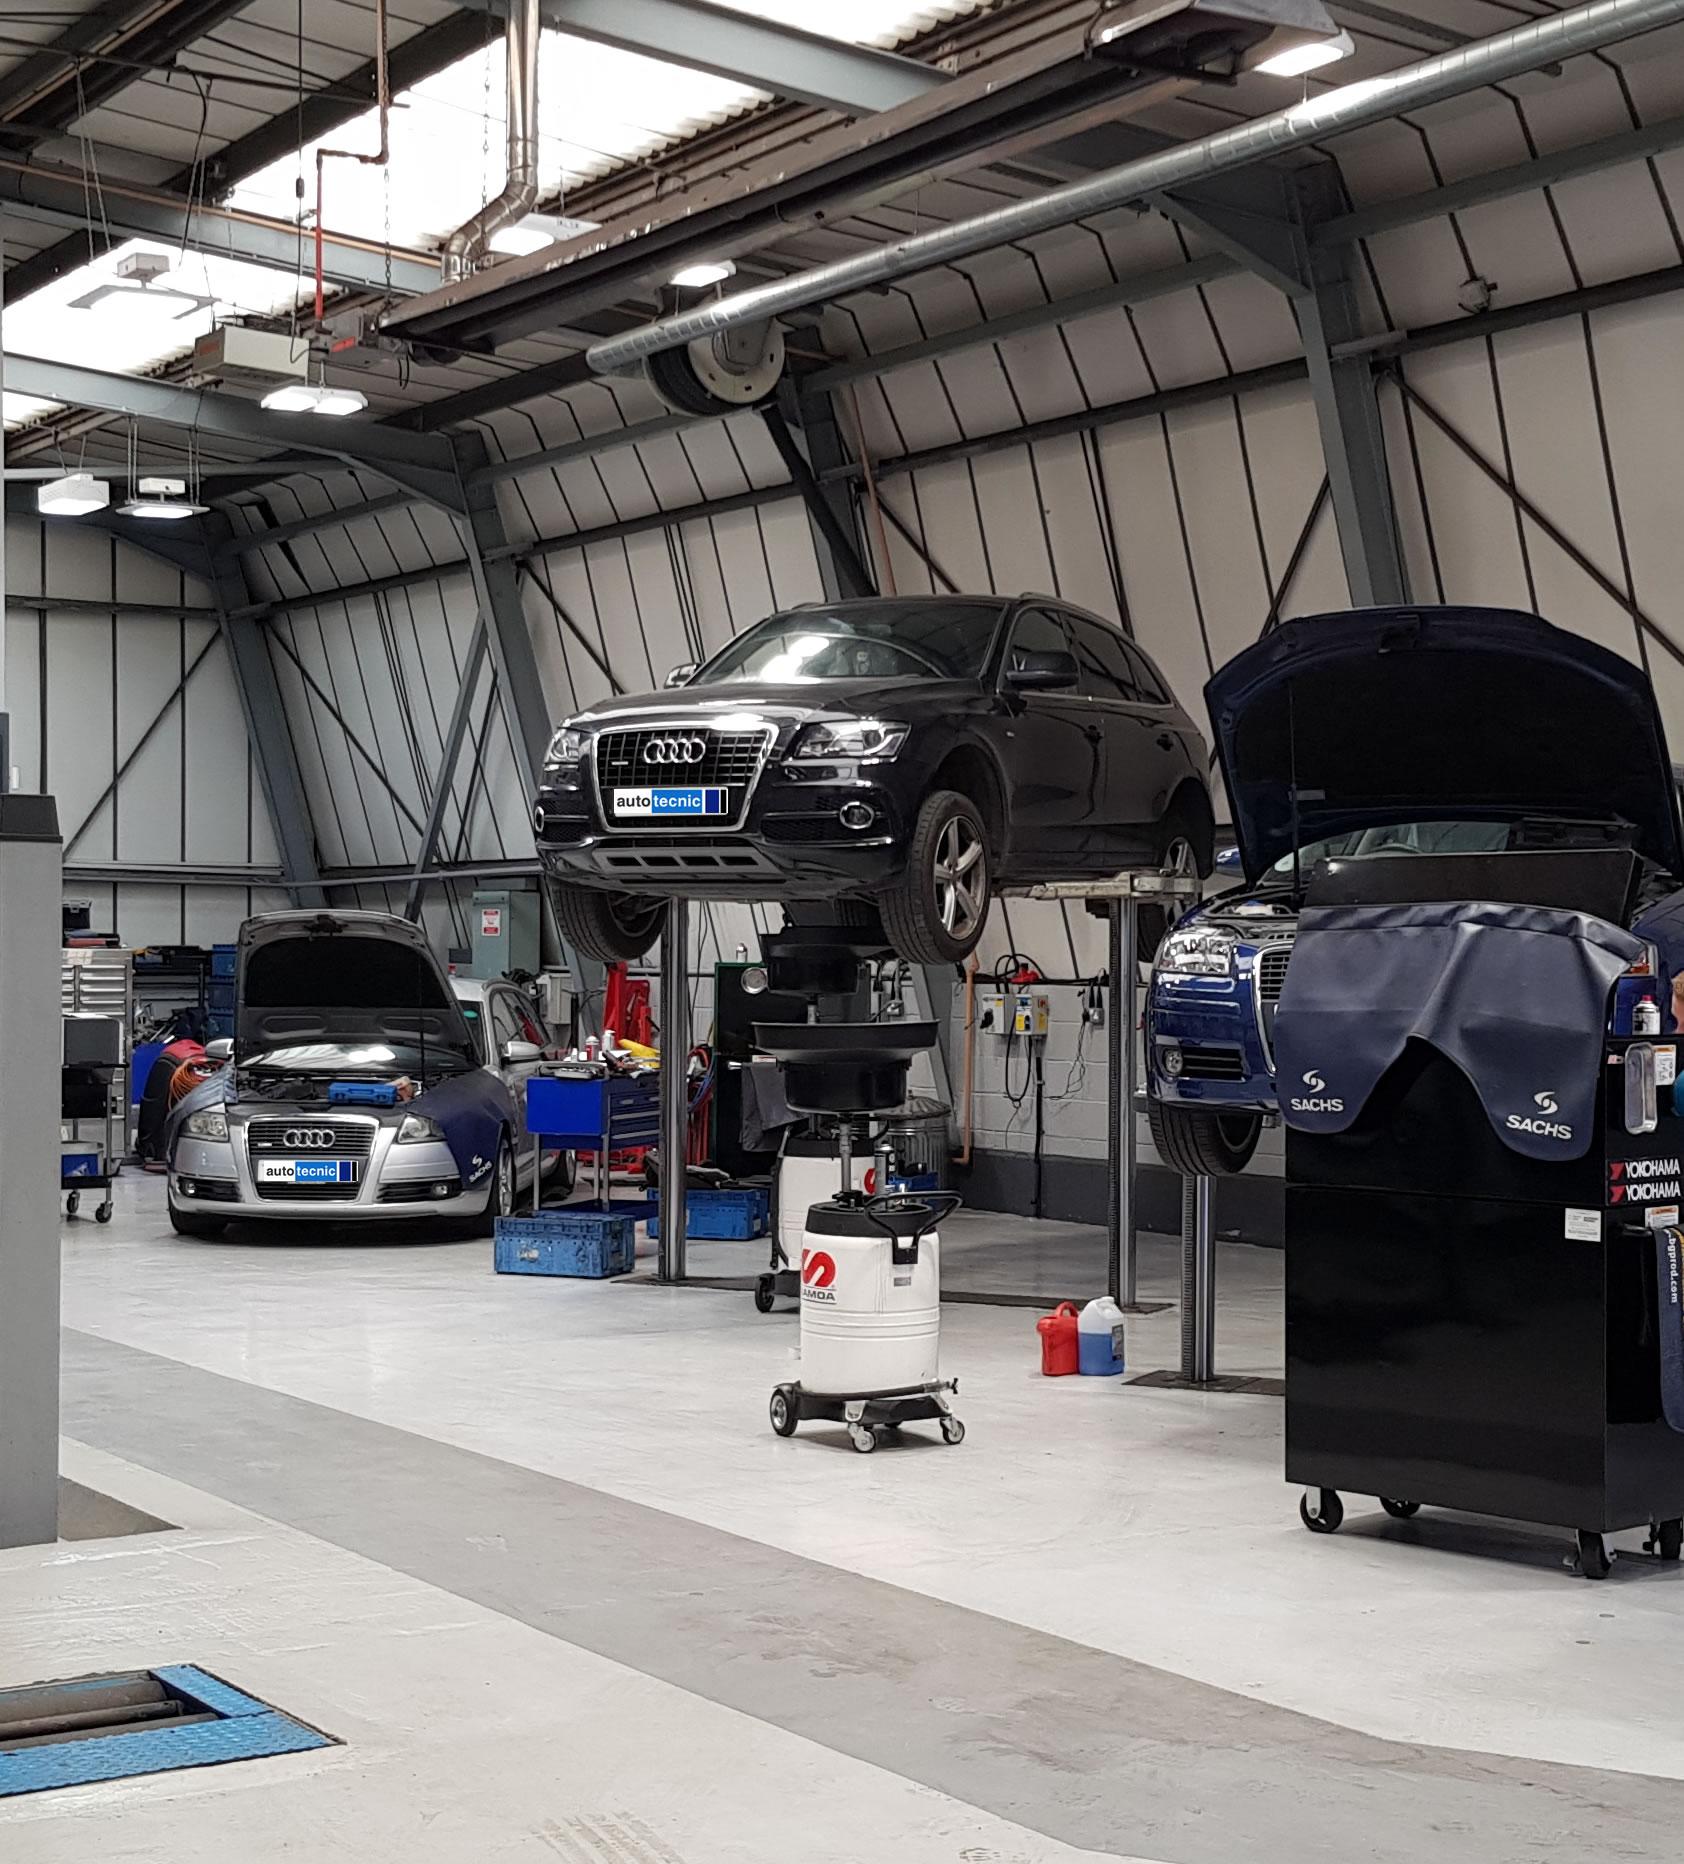 autotecnic - workshop - Audi's